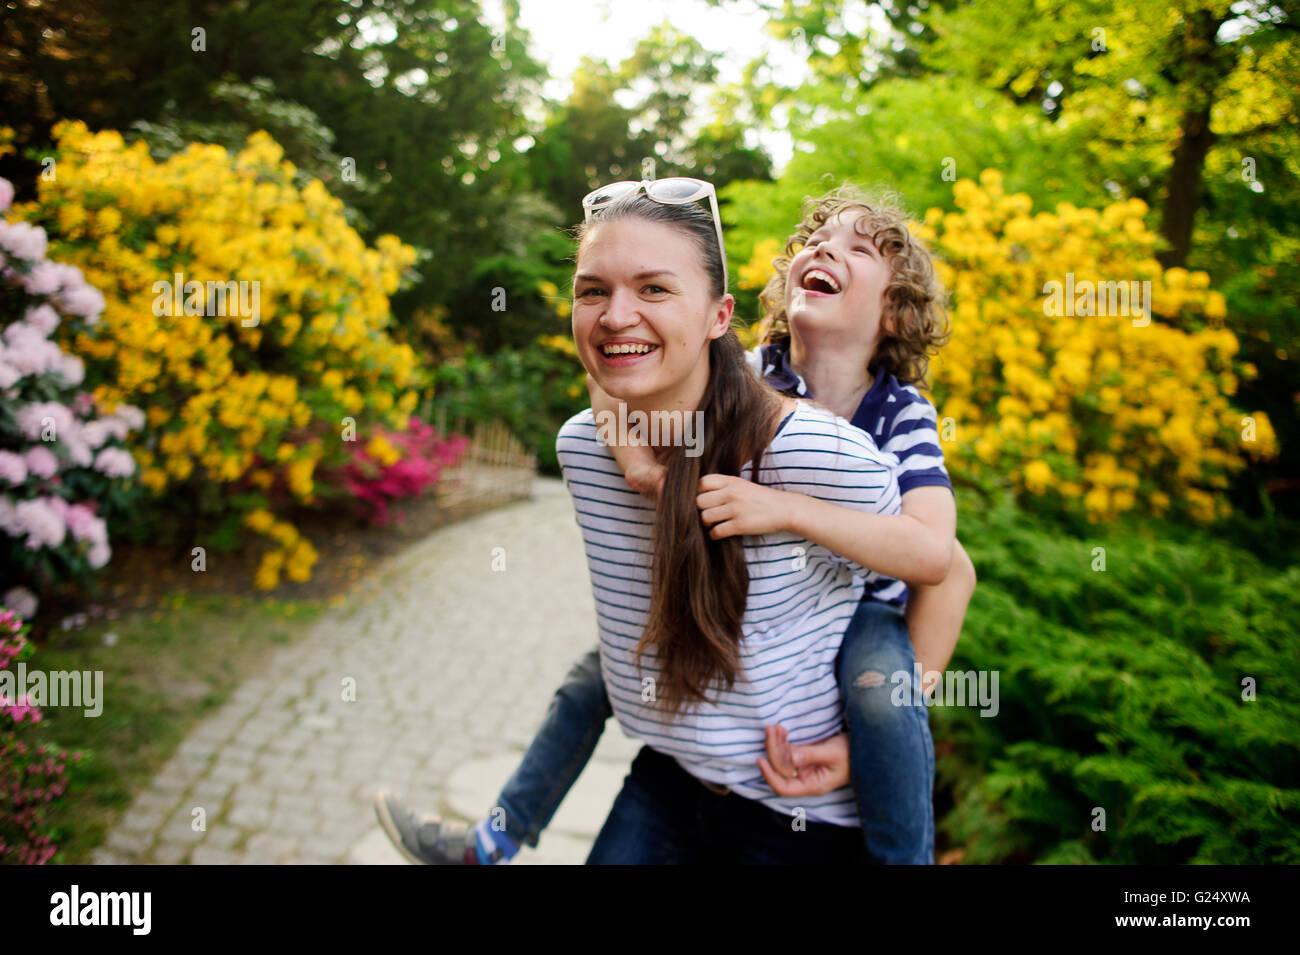 Niña jugando con su hermano menor en el jardín Imagen De Stock